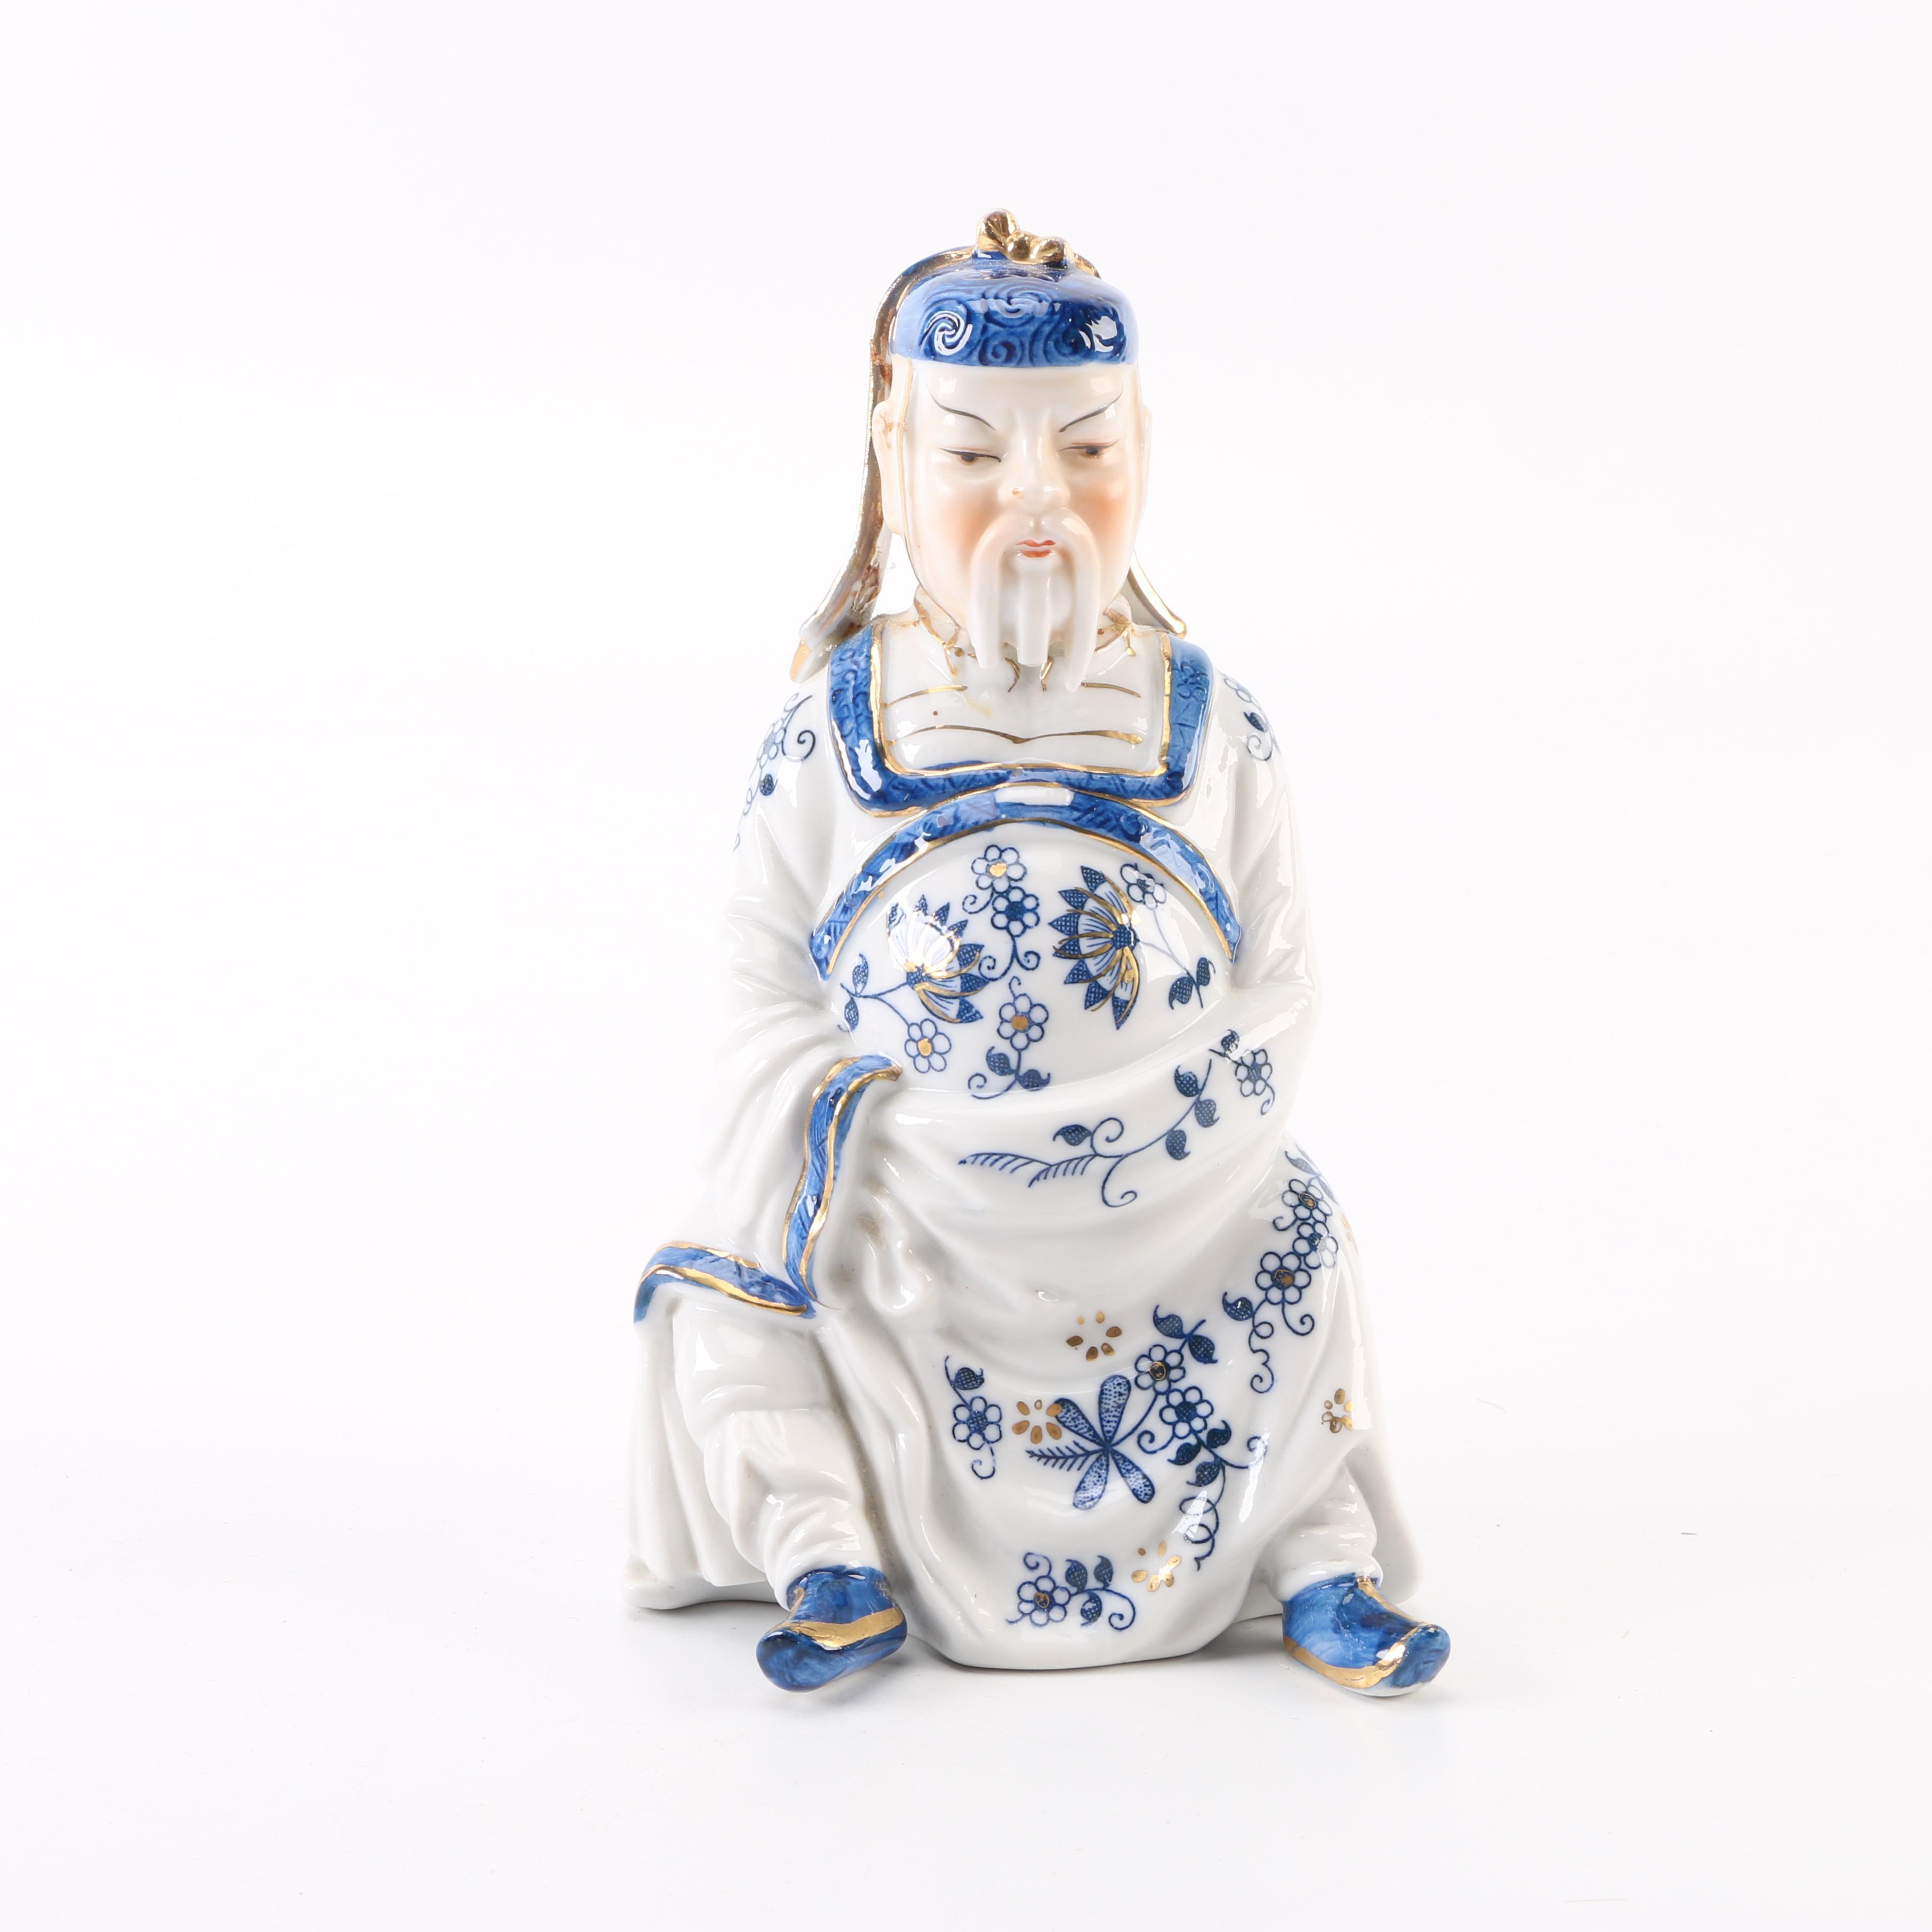 Vienna Woods White and Blue Chinese Figurine